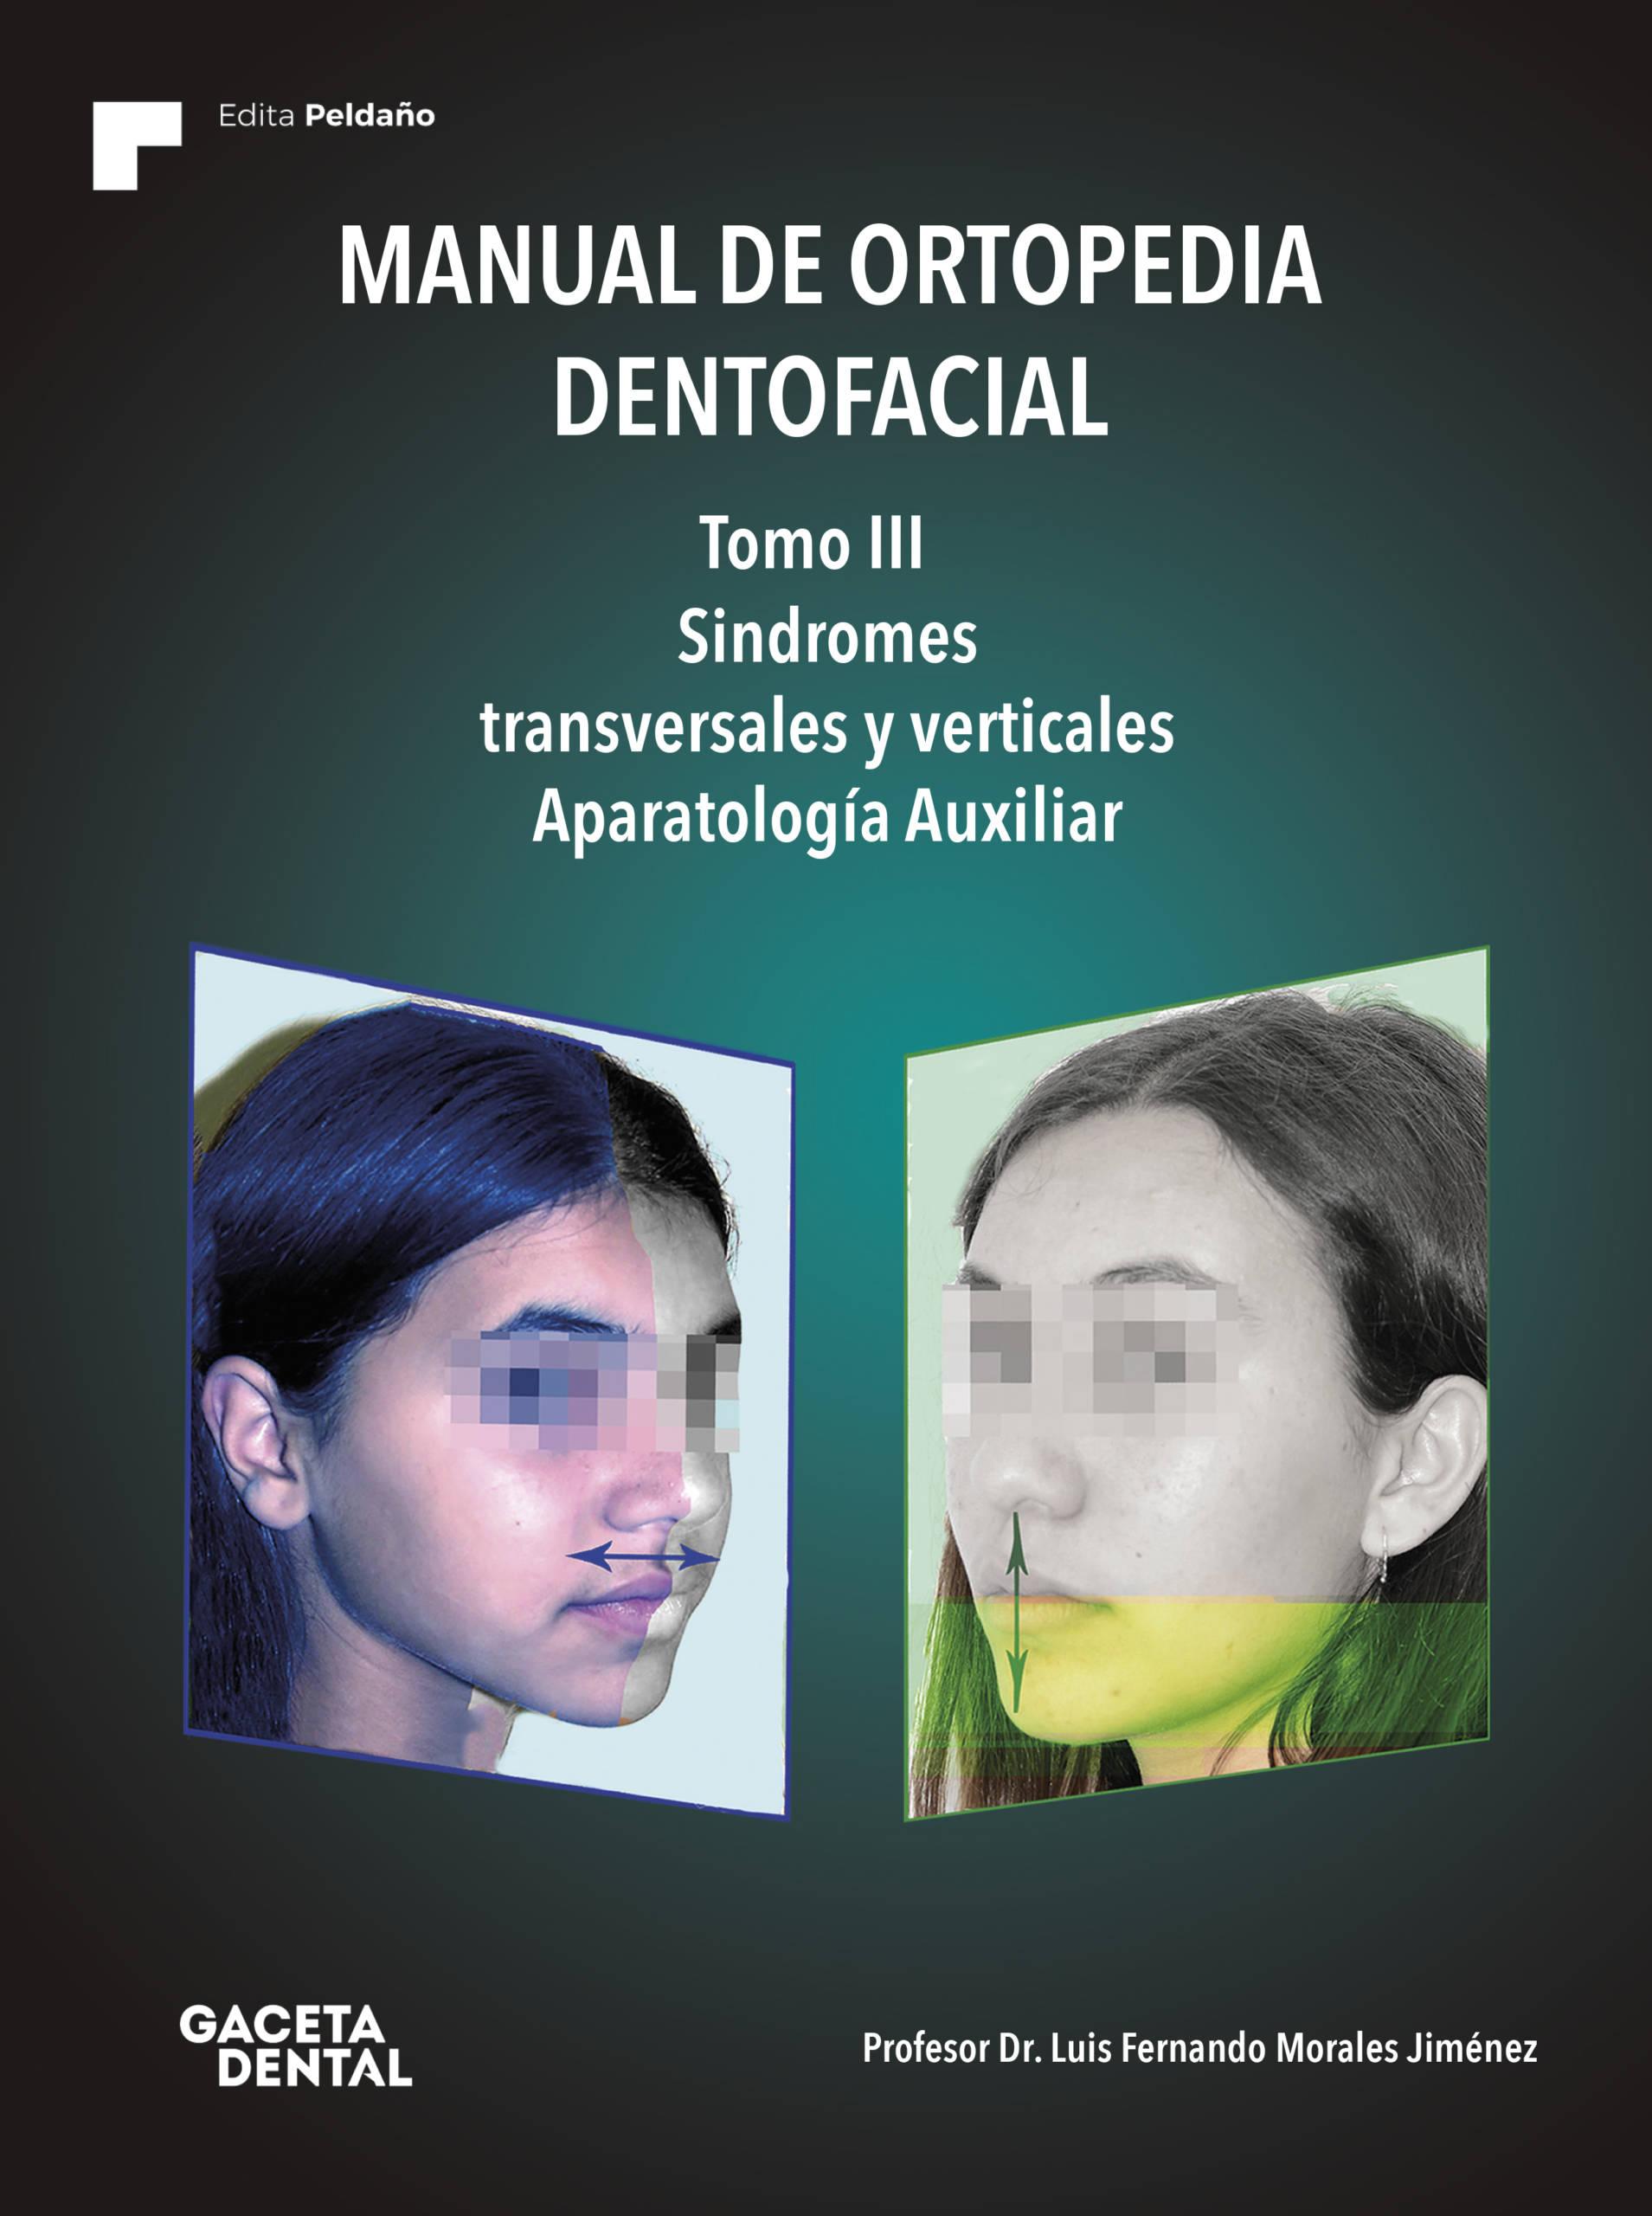 Manual de Ortopedia Dentofacial. Tomo III. Síndromes transversales y verticales. Aparatología Auxiliar